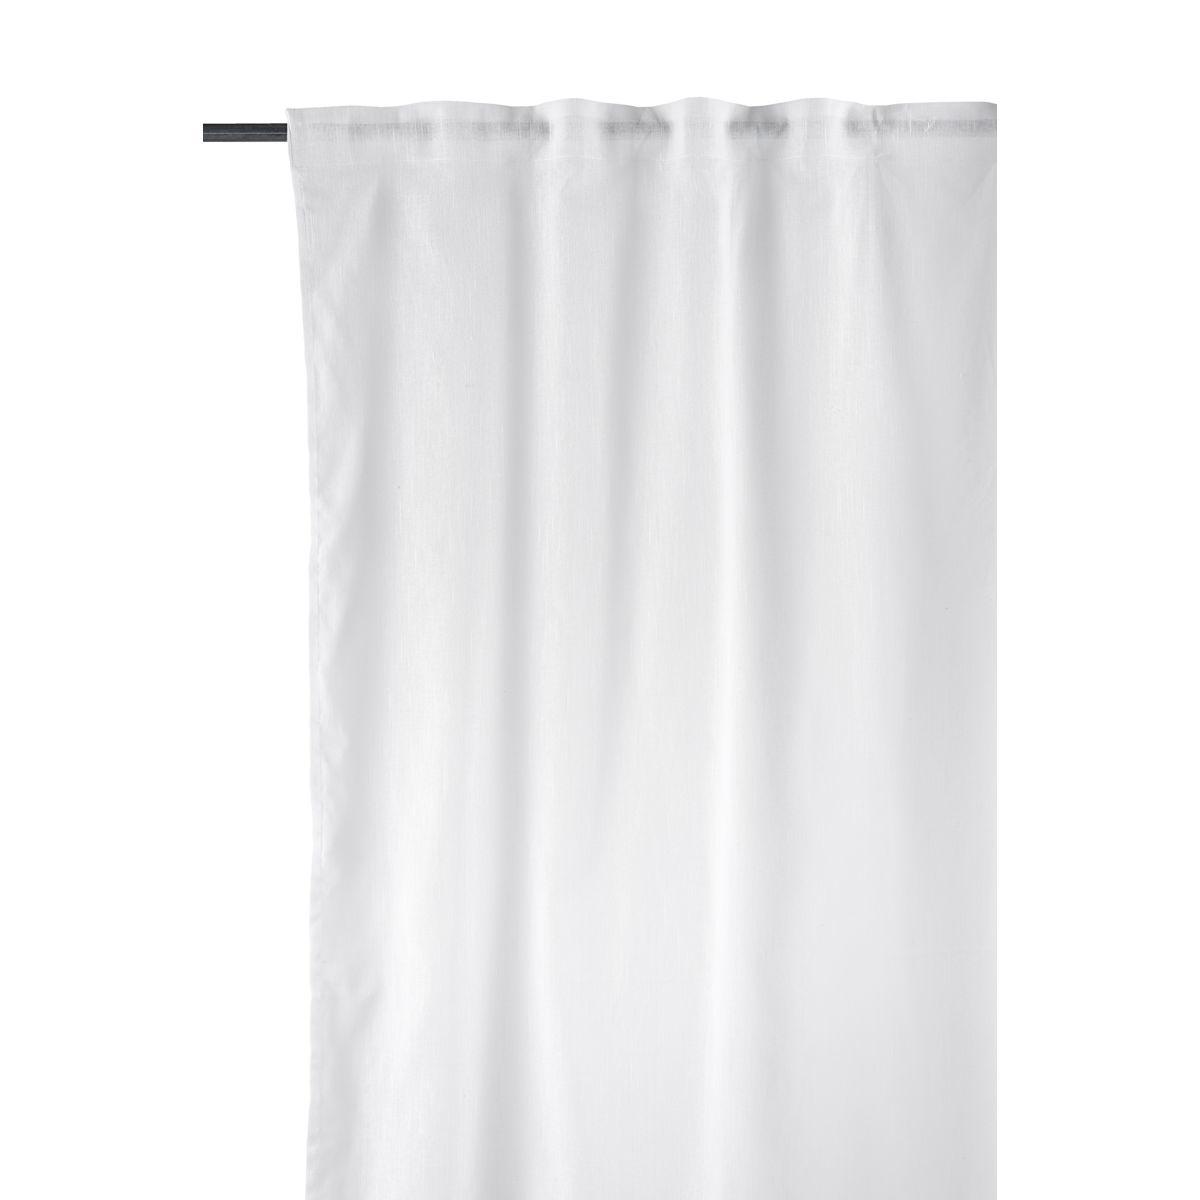 lot de 2 rideaux lin blanc 150x300cm house doctor